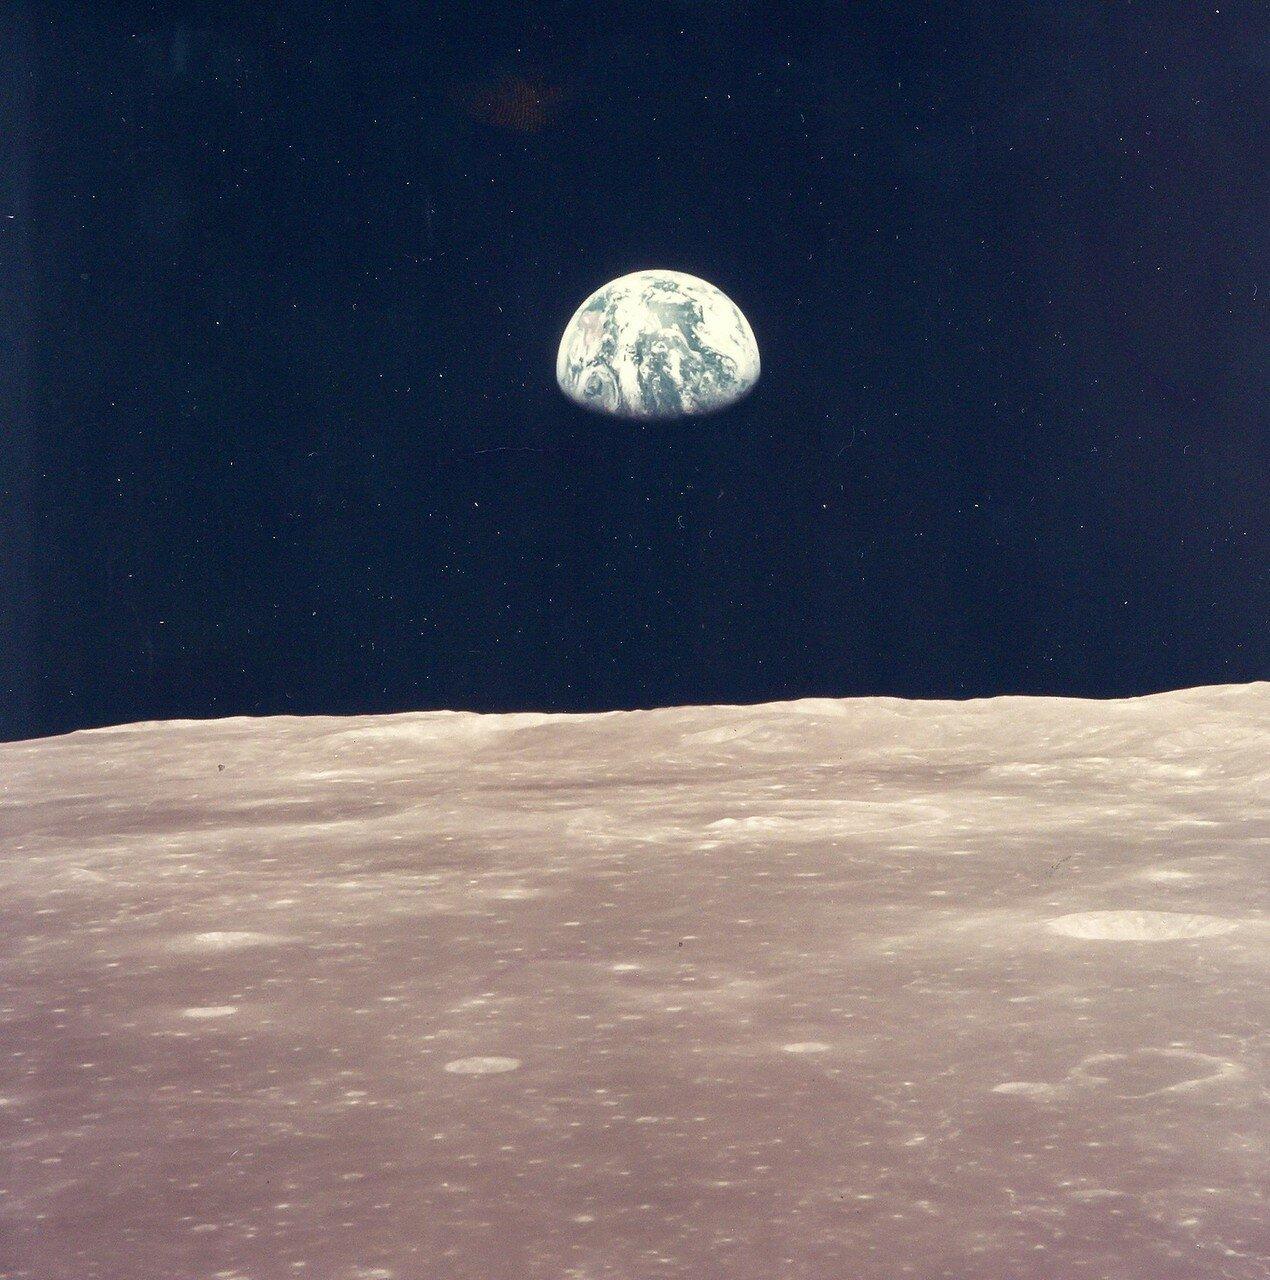 Вскоре они увидели первый восход Земли над лунным горизонтом, а когда связь восстановилась, доложили в ЦУП, как прошёл манёвр. Хьюстон сообщил им, что они находятся на эллиптической орбите, близкой к расчётной.На снимке: Восход Земли над лунным горизонтом